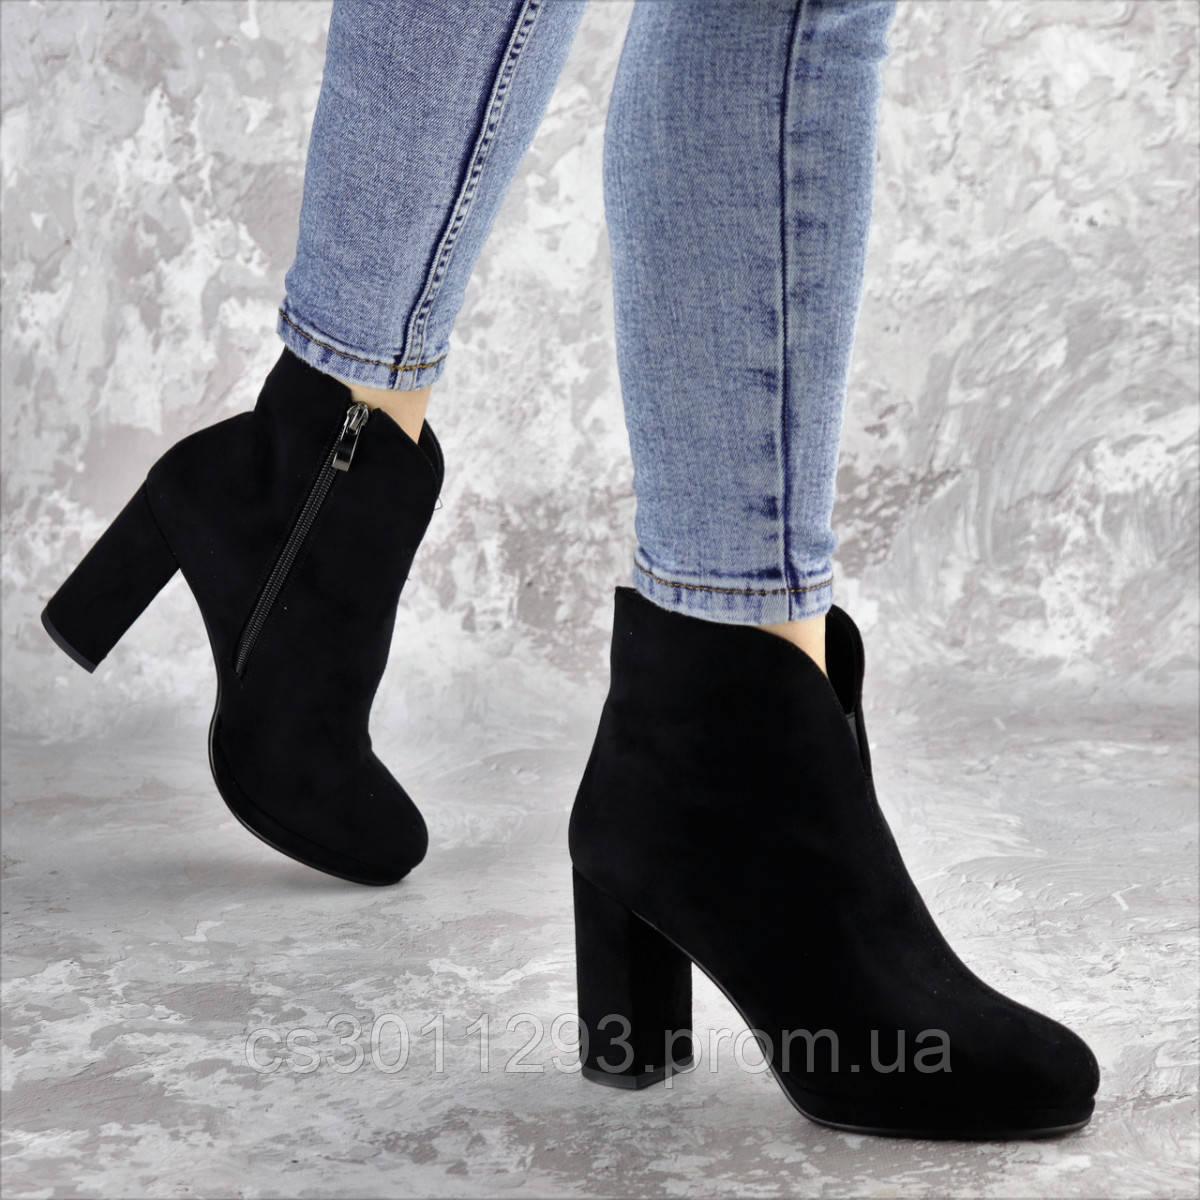 Ботильоны женские Fashion Tussler 2417 35 размер 23 см Черный